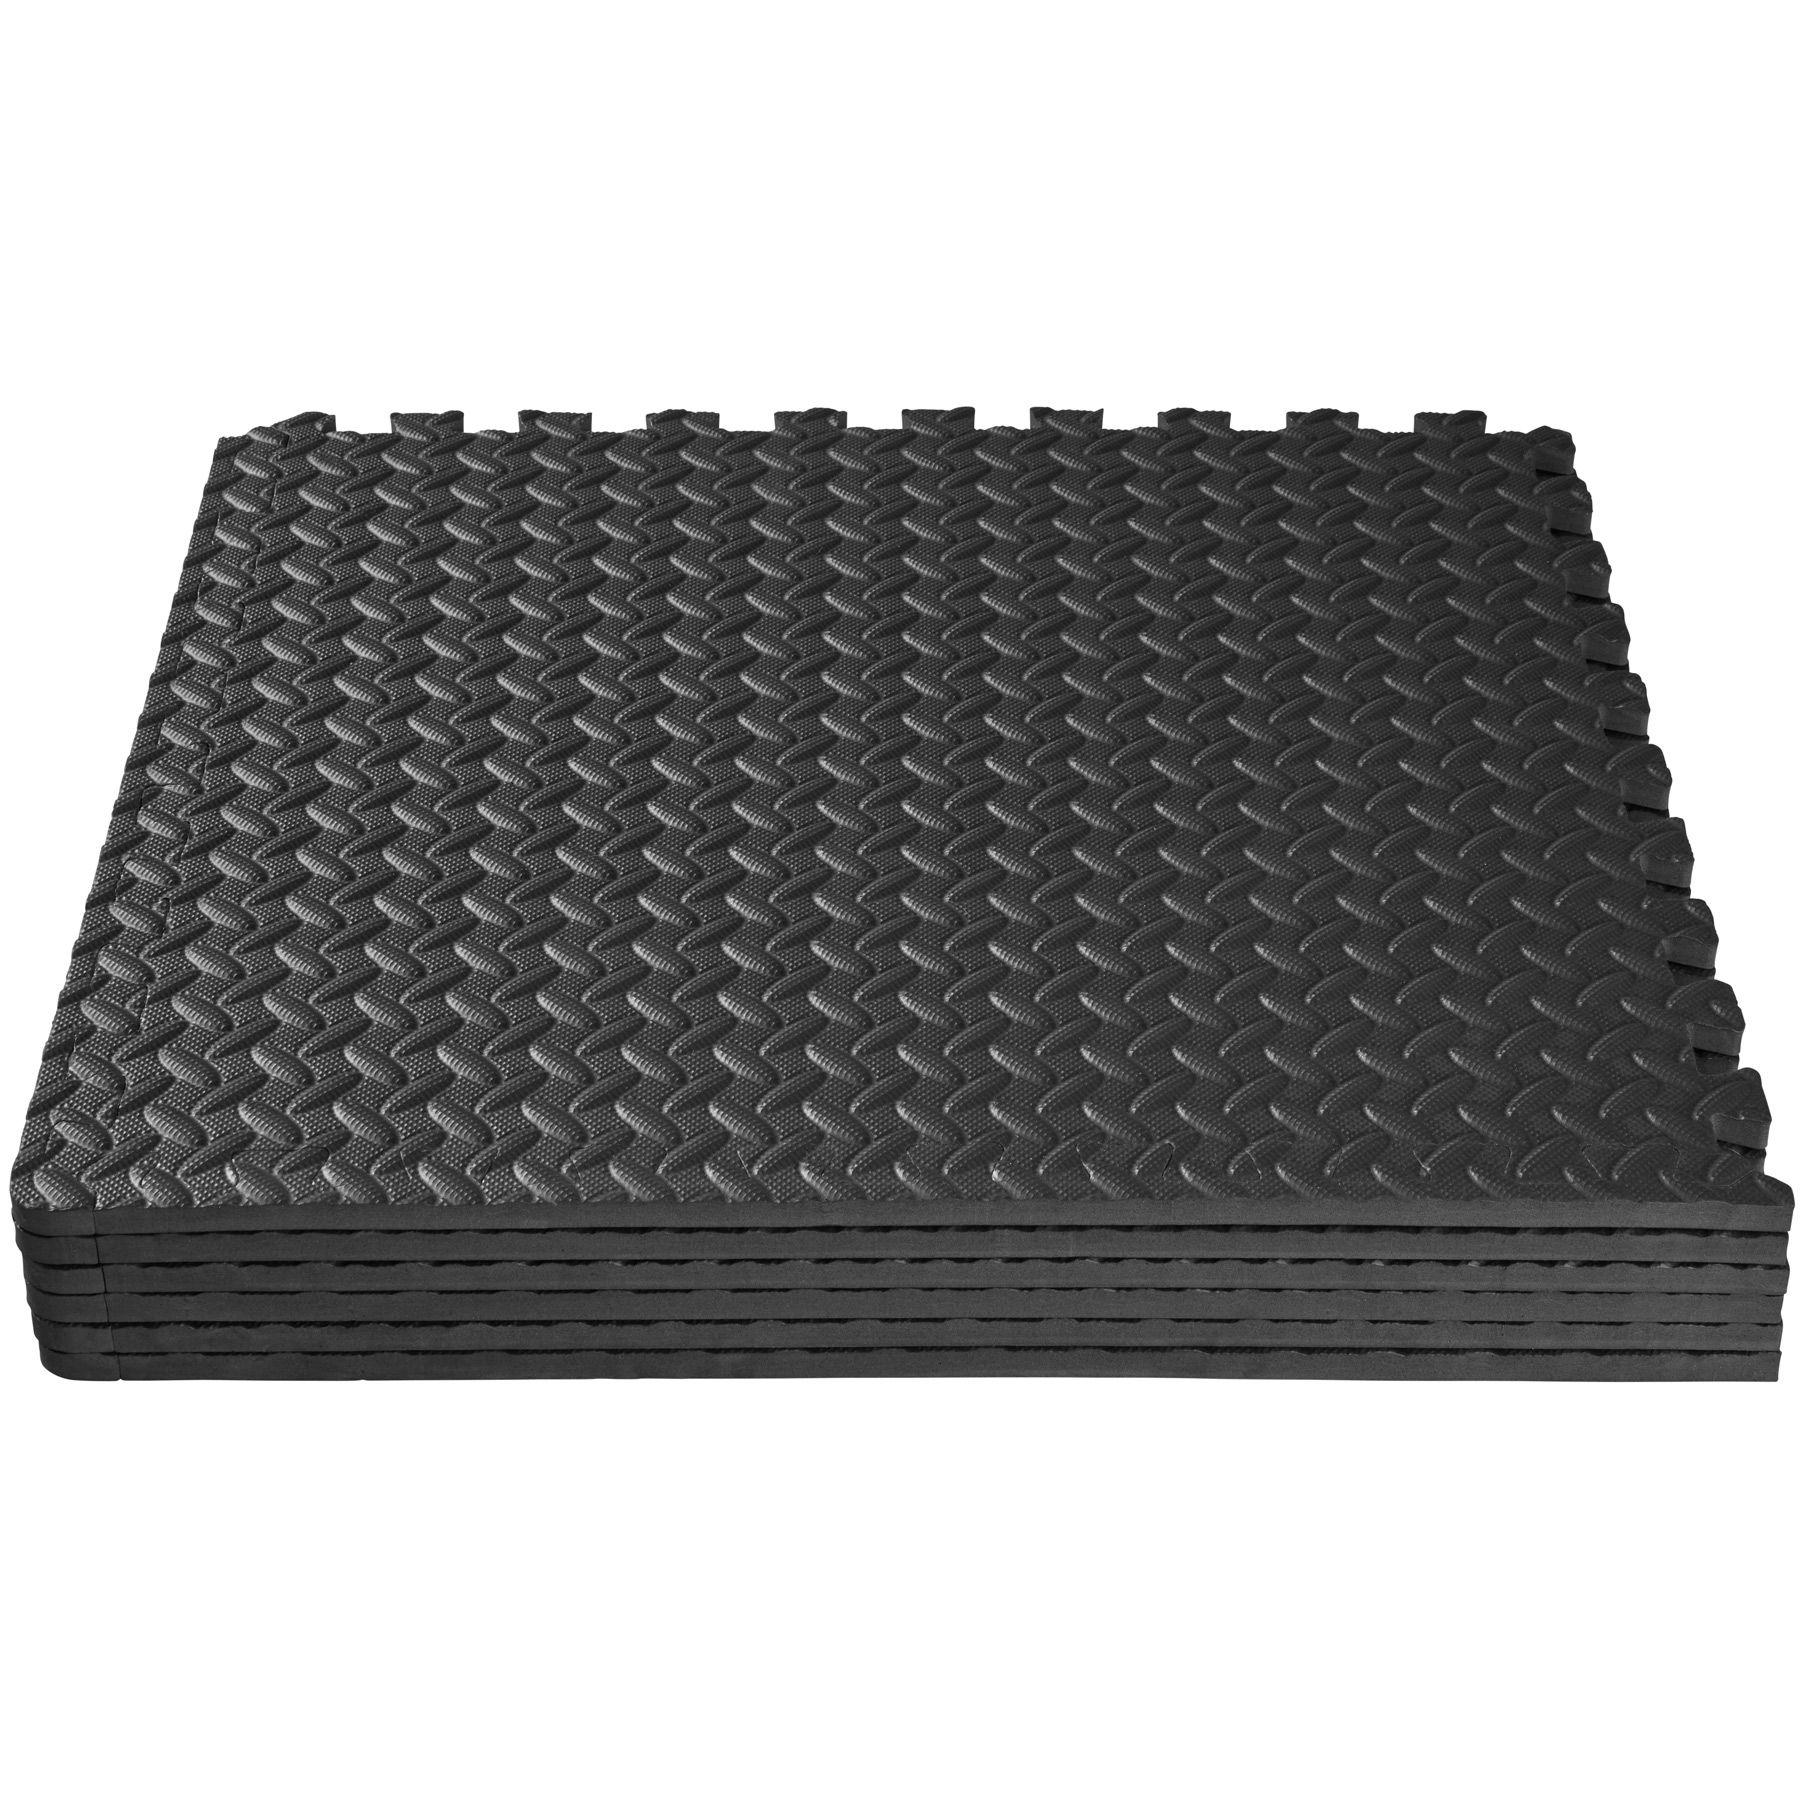 6er set schutzmatten bodenmatte unterlegmatte fitness gymnastik puzzle schwarz ebay. Black Bedroom Furniture Sets. Home Design Ideas